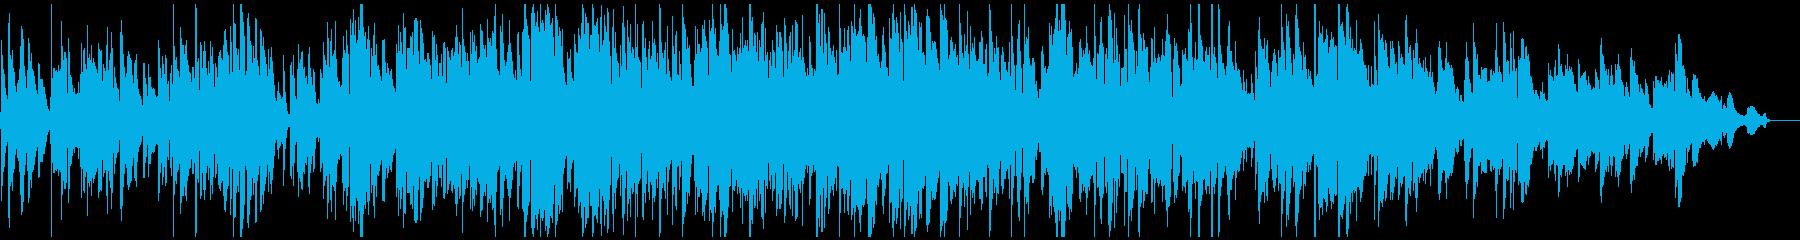 ほのぼの散歩日和なサックス生演奏ジャズ!の再生済みの波形